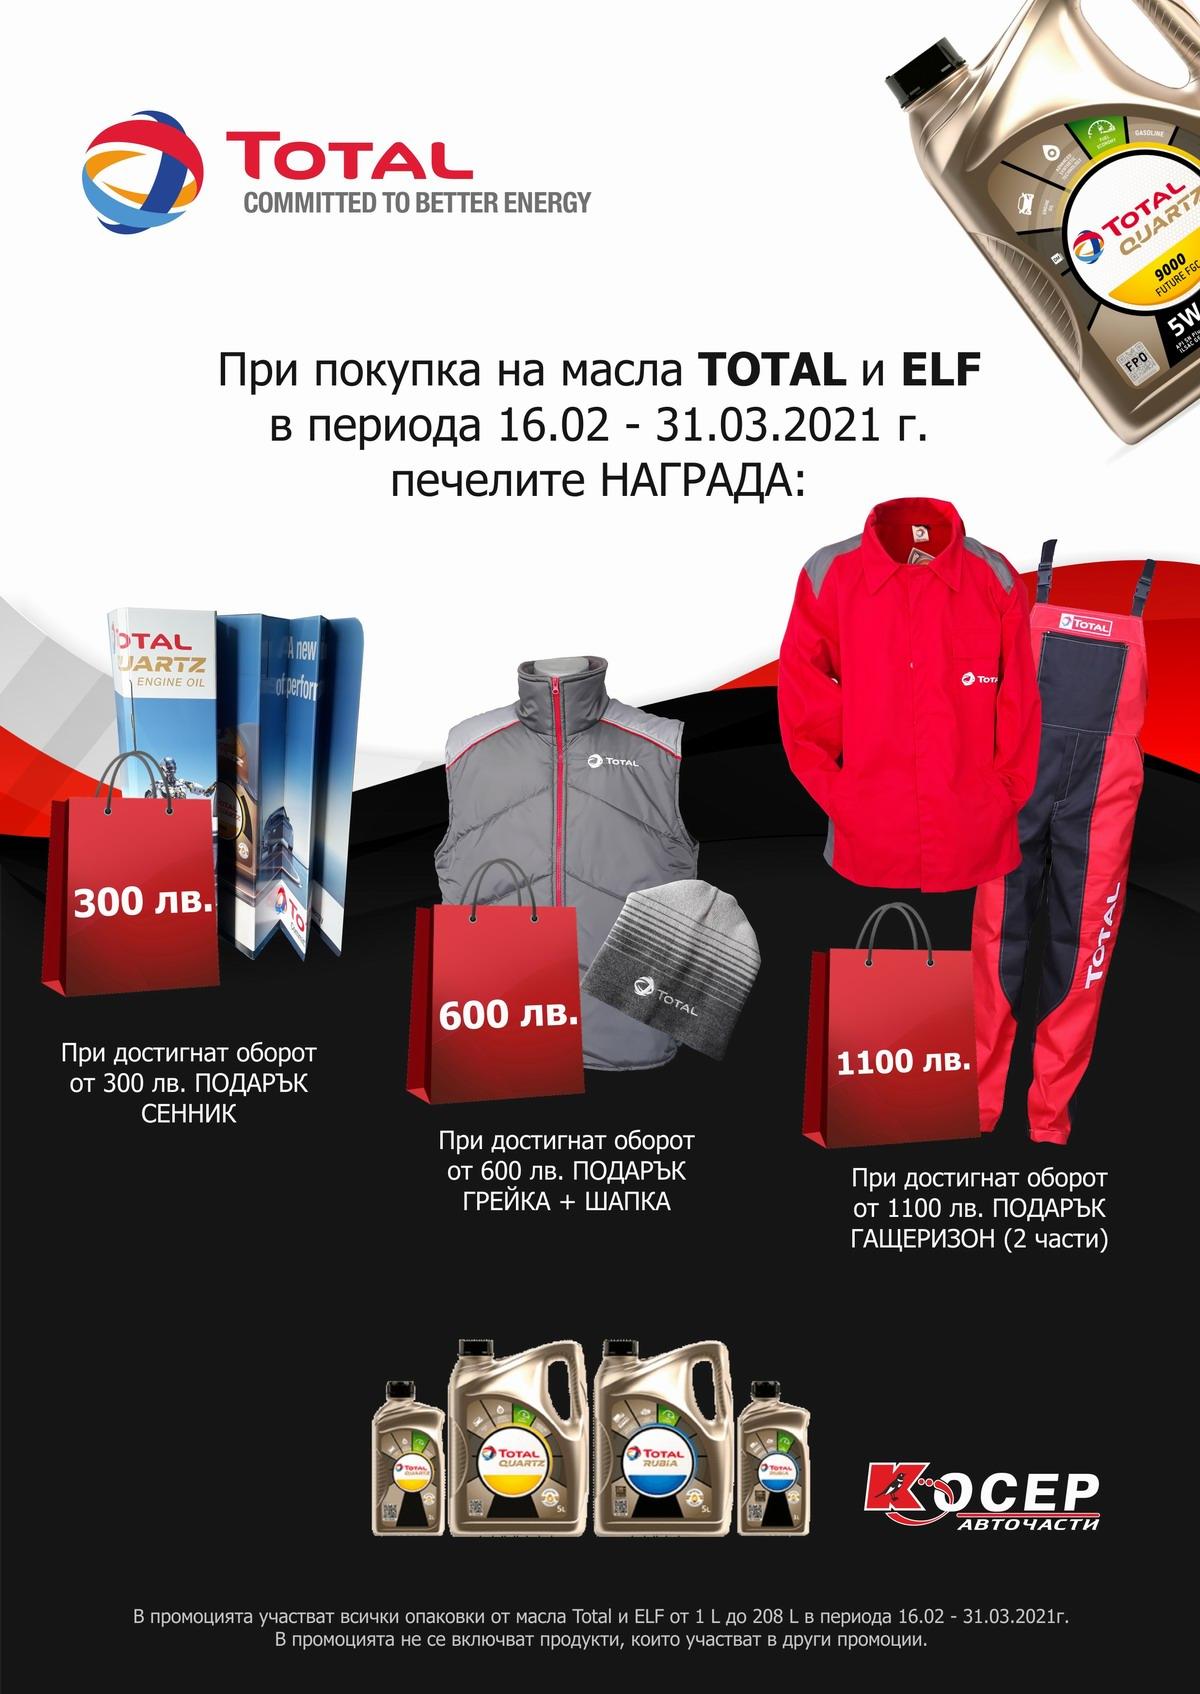 Промоция TOTAL, 16.02.2021 - 31.03.2021